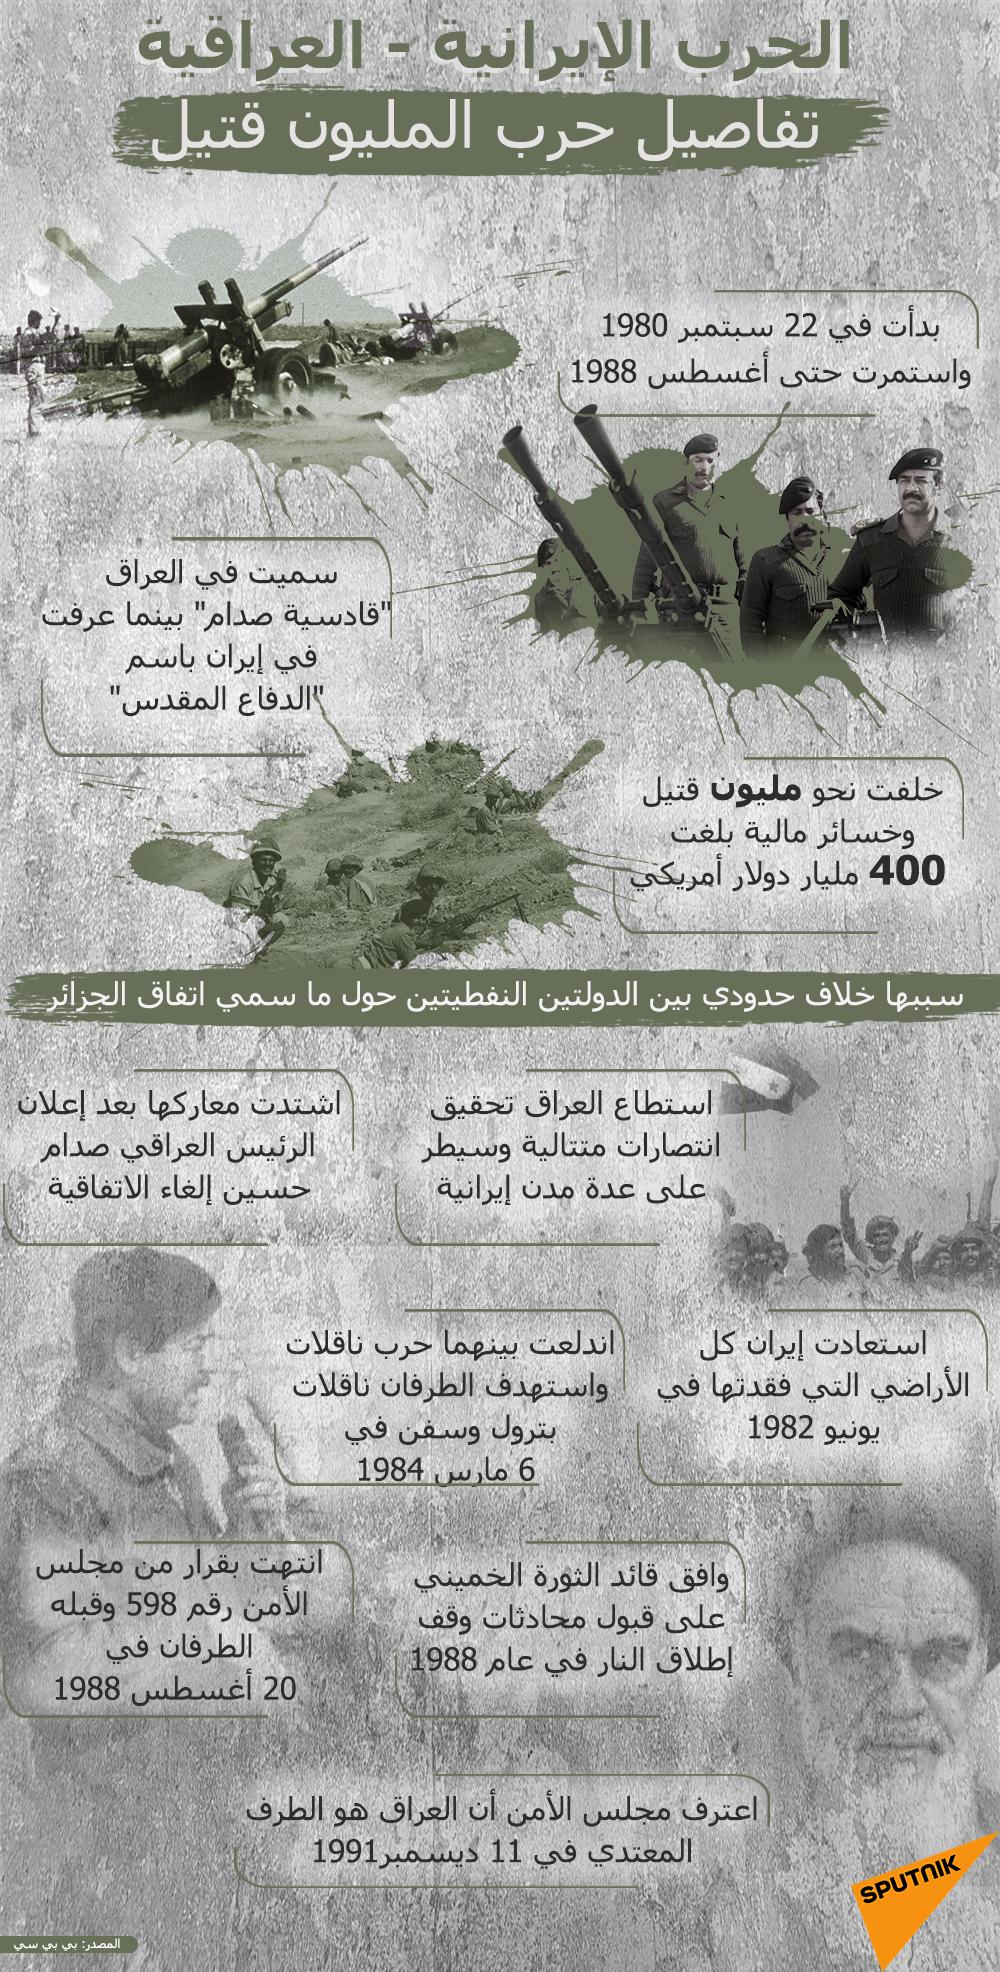 الحرب الإيرانية العراقية